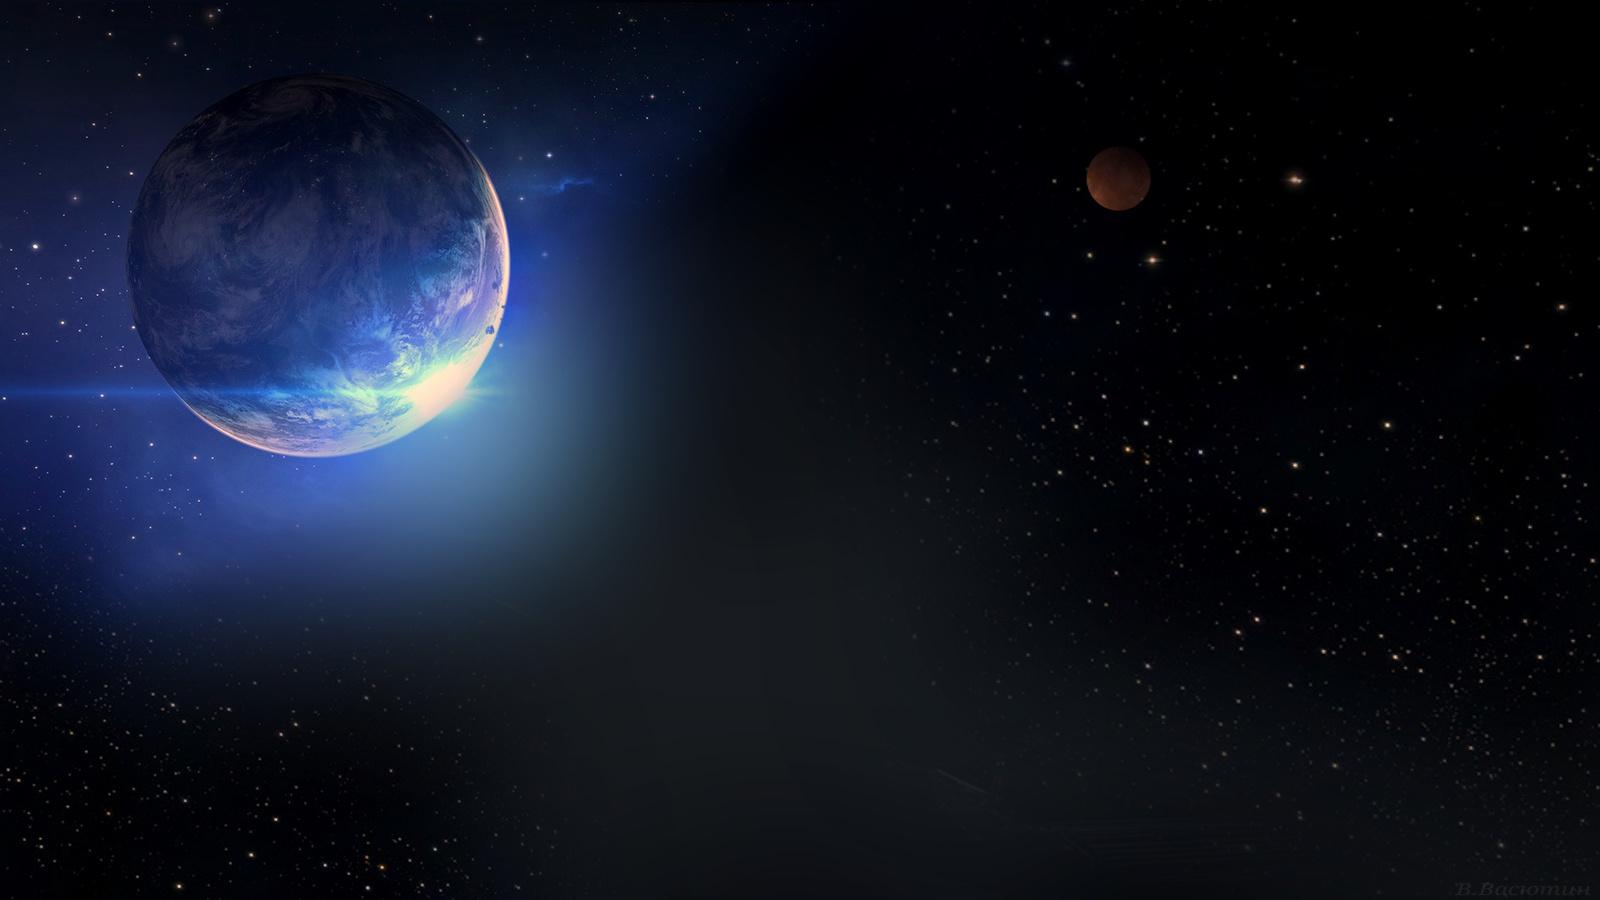 планеты, звезды, бездна